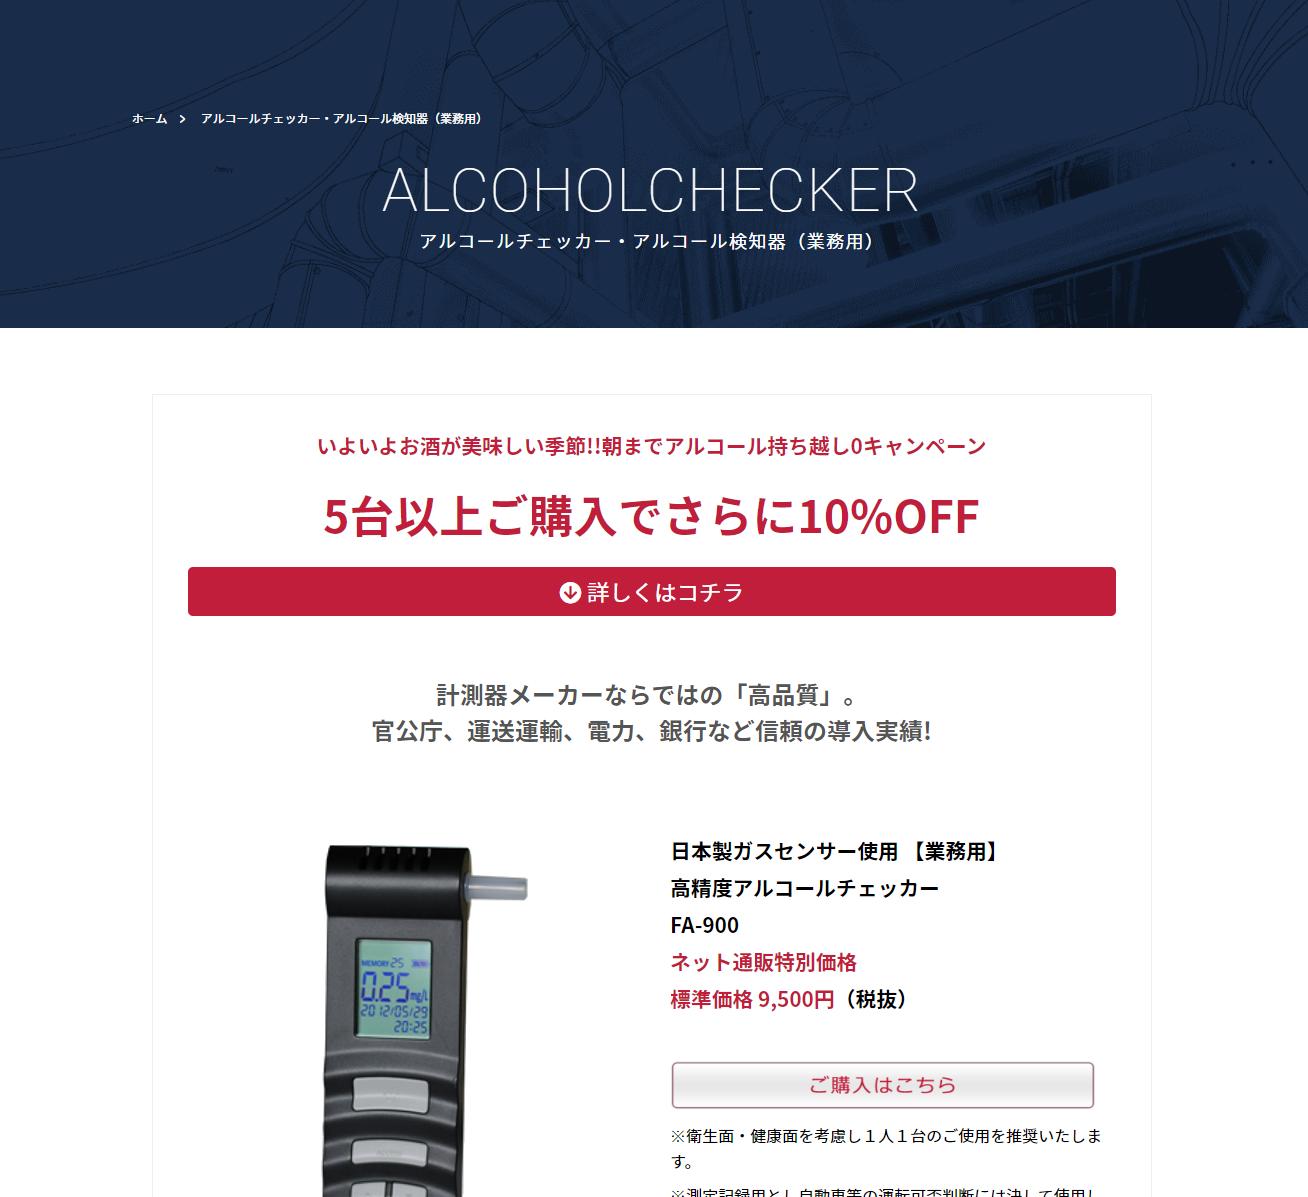 アルコールチェッカー(株式会社藤田電機製作所)の口コミや評判